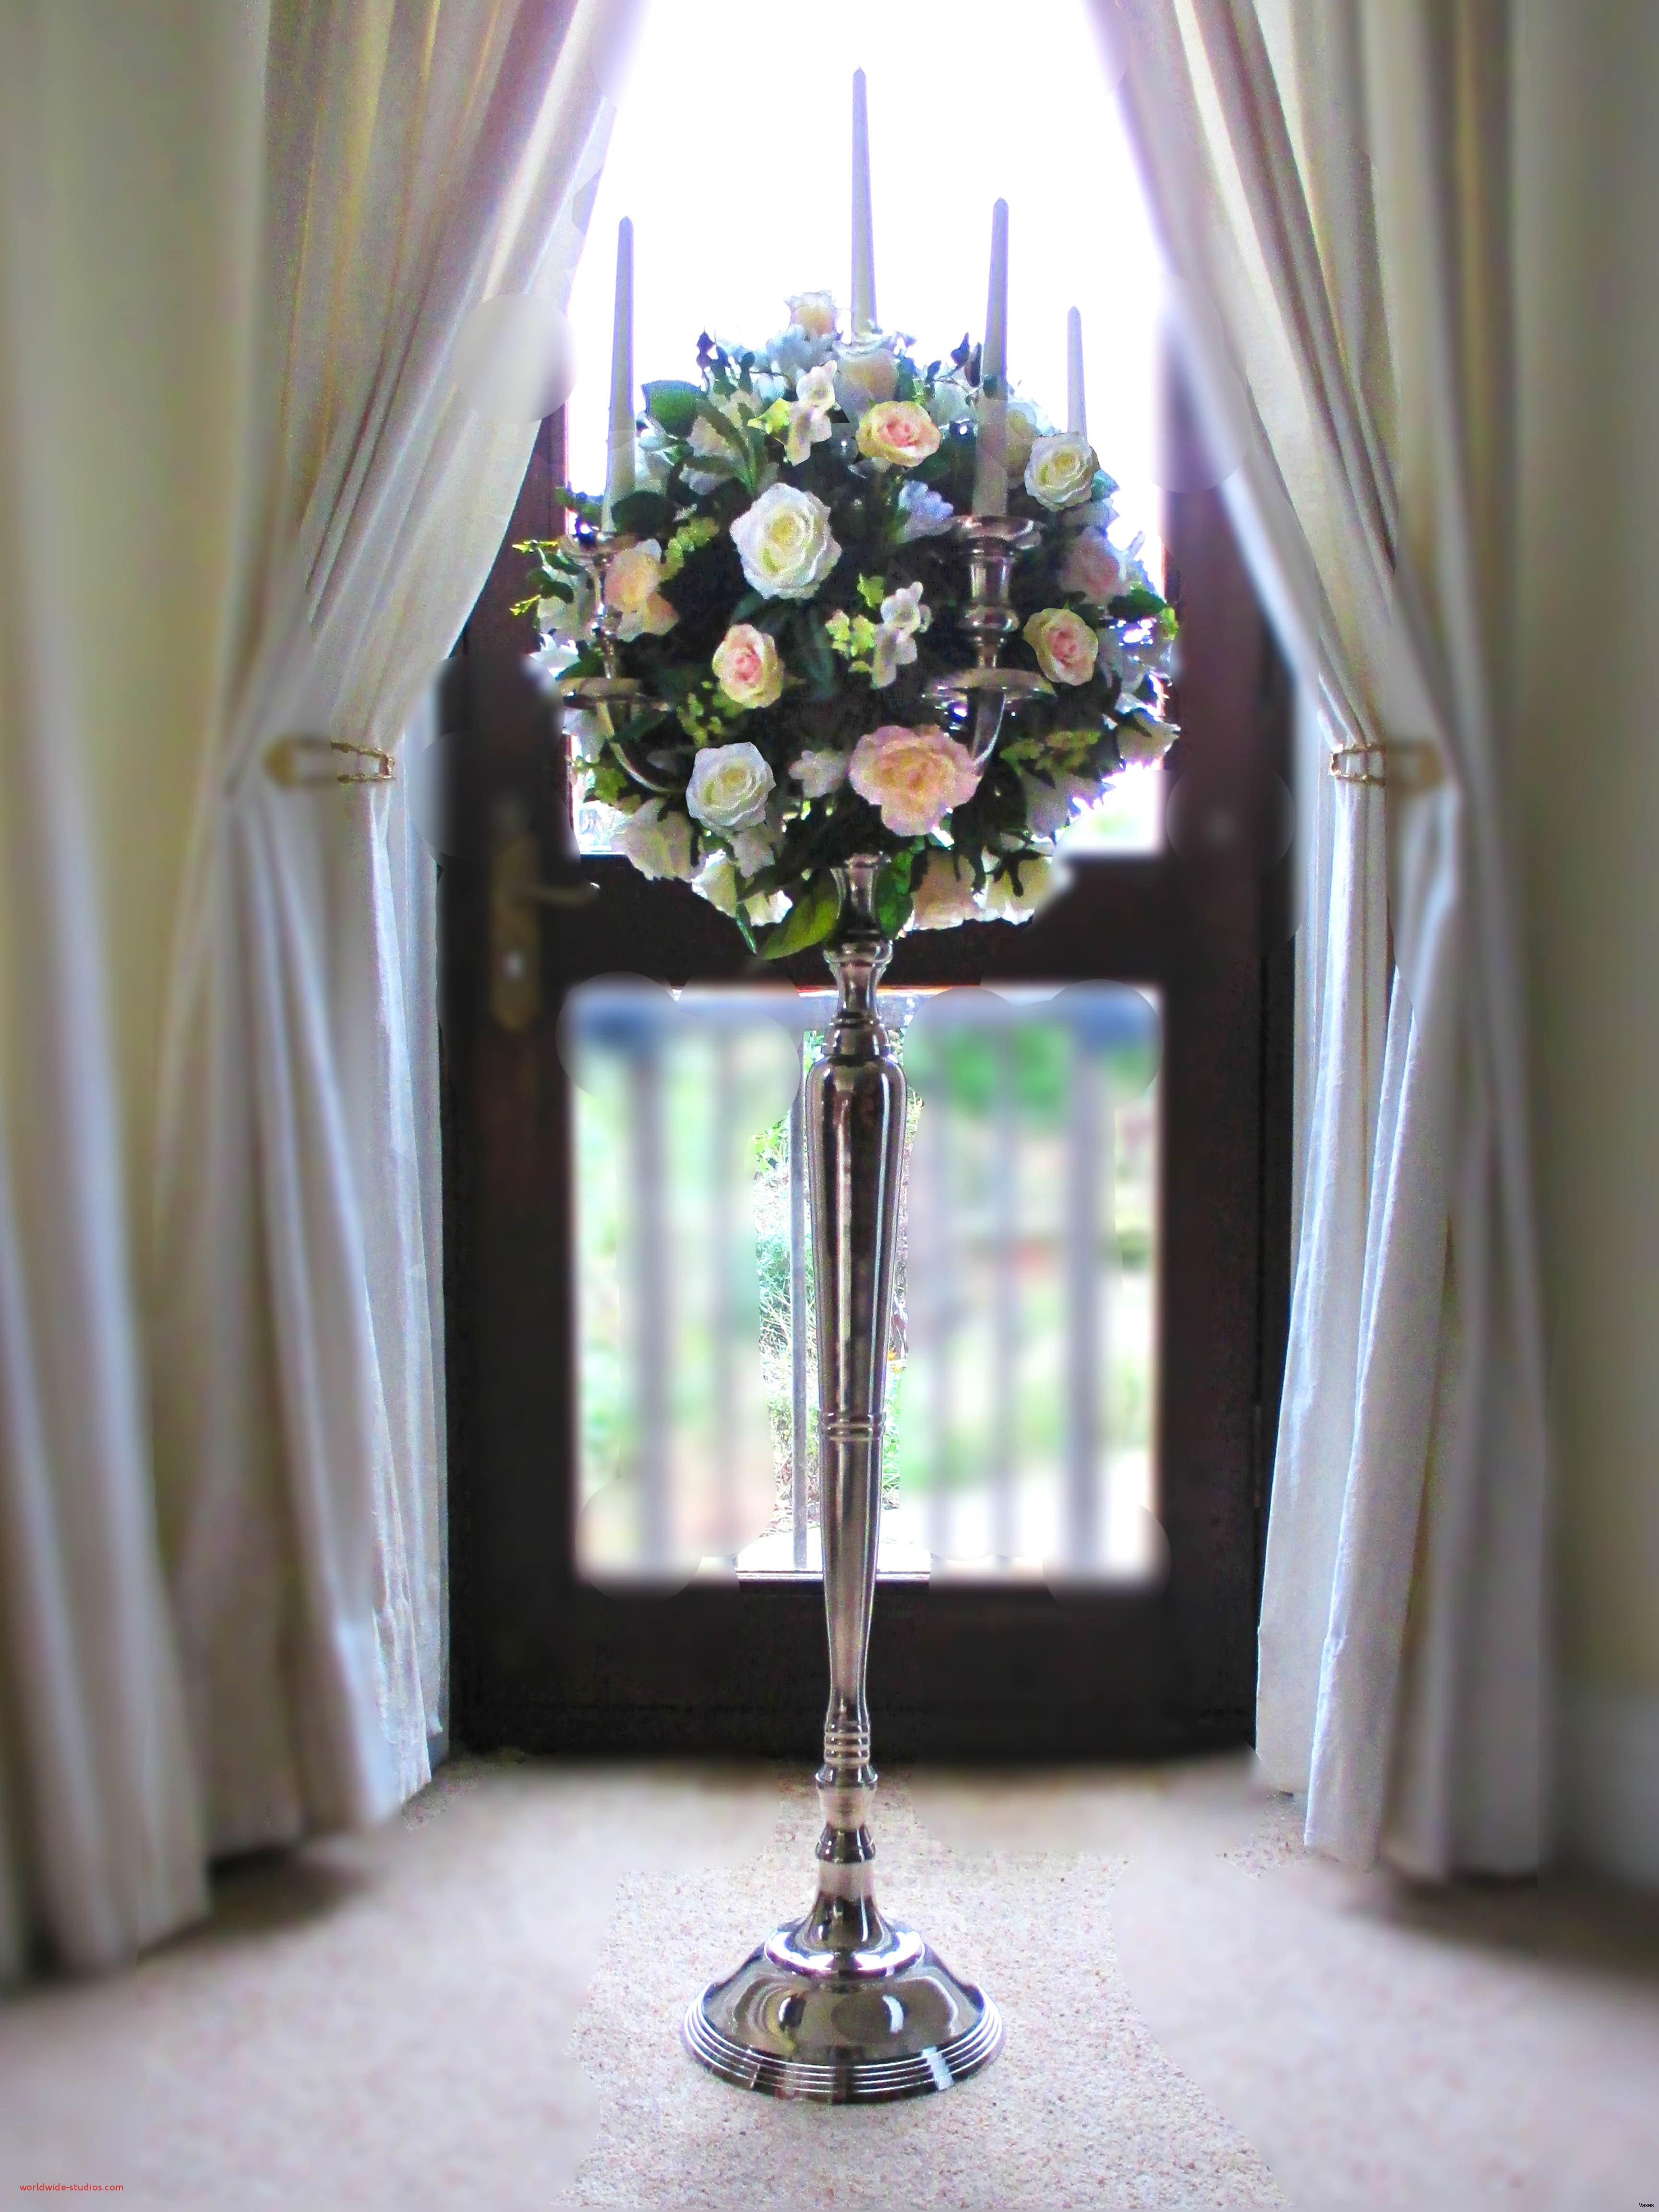 tin can vase ideas of diy fall wedding ideas elegant vases hurricane for weddings elegant pertaining to vases diy fall wedding ideas elegant top result 97 fresh diy wedding ideas for a tight bud